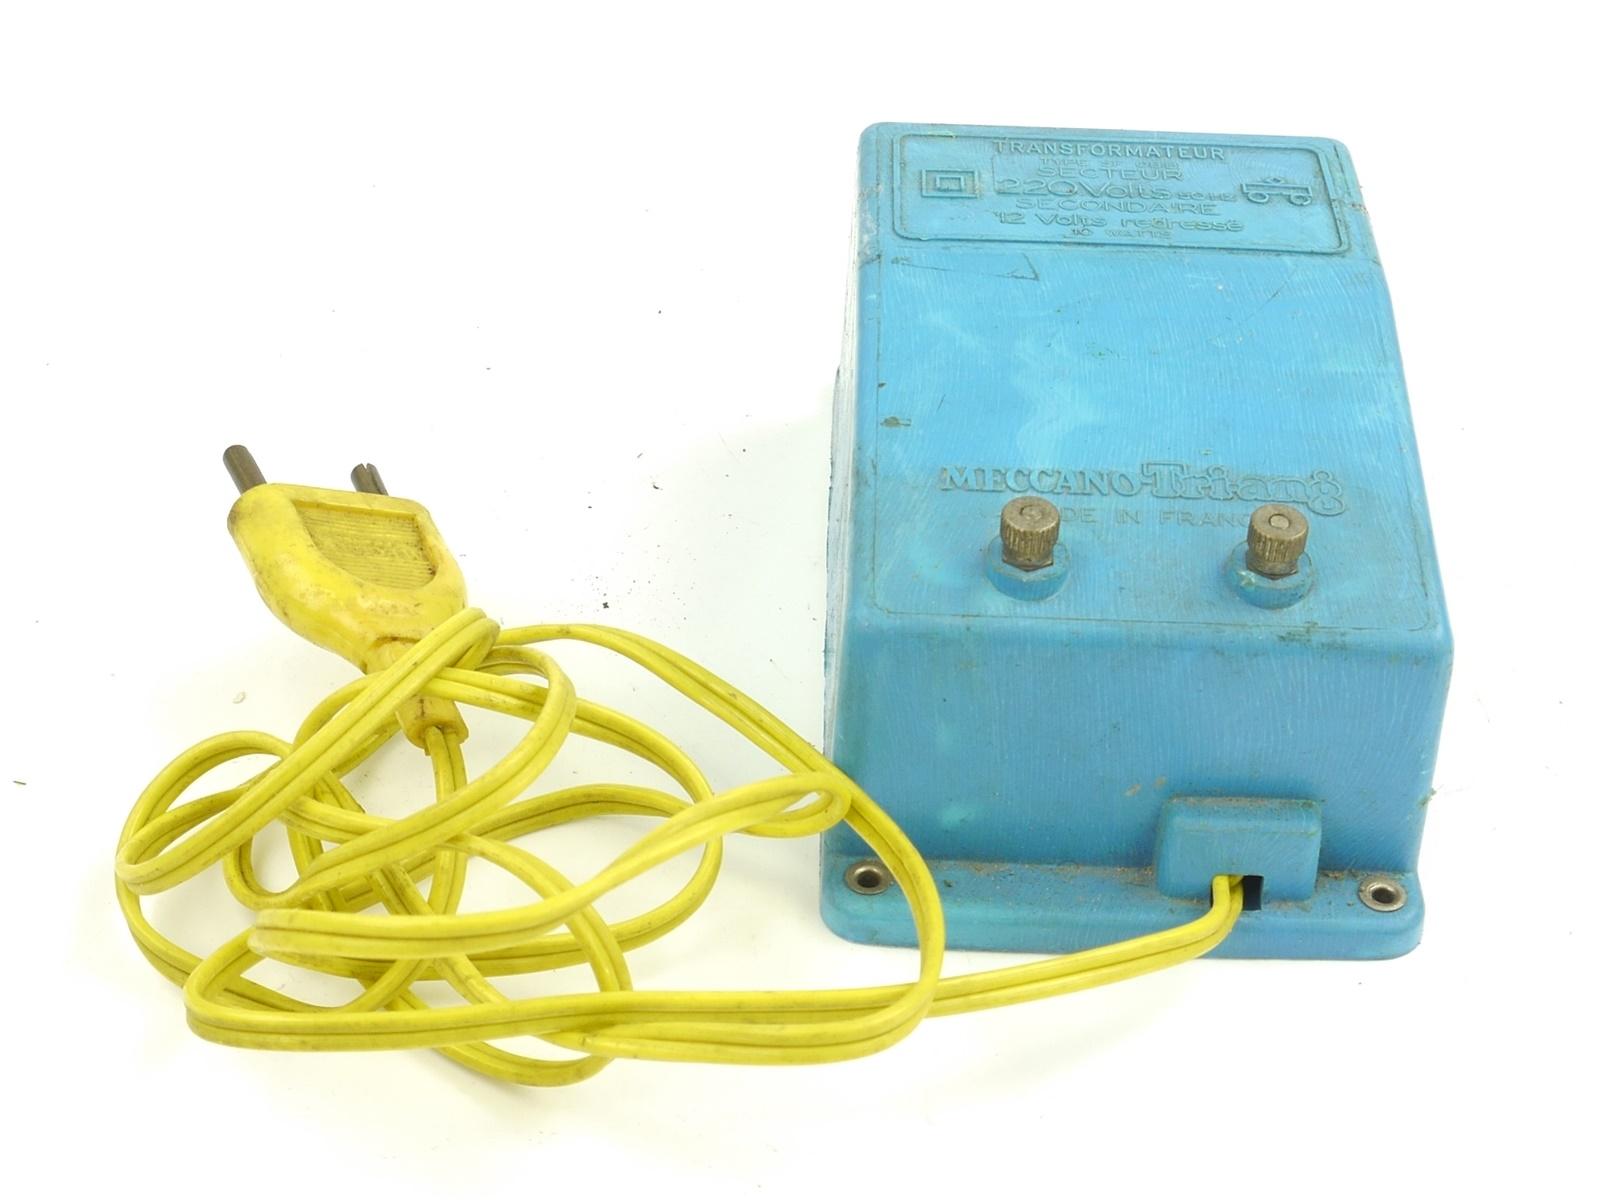 E207 Meccano Triang SF 08 B Trafo Transformator 220 V *geprüft*